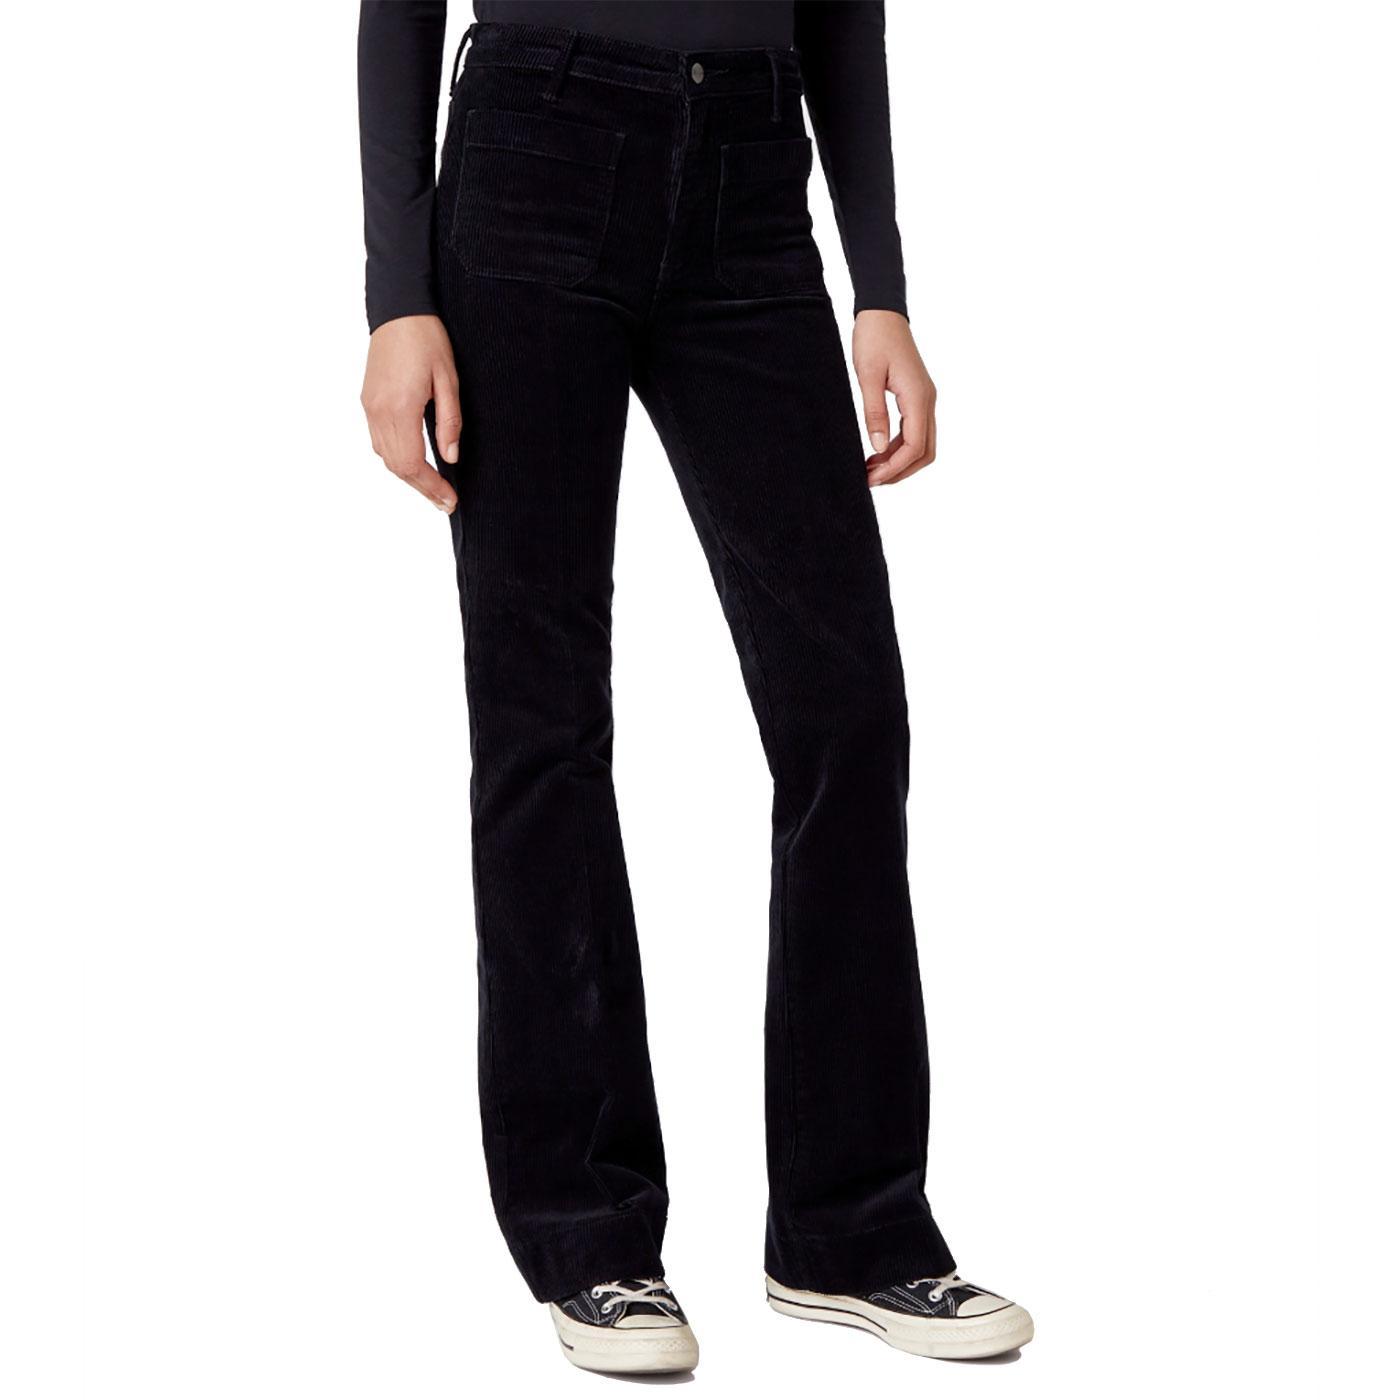 WRANGLER Retro Seventies Corduroy Flared Jeans